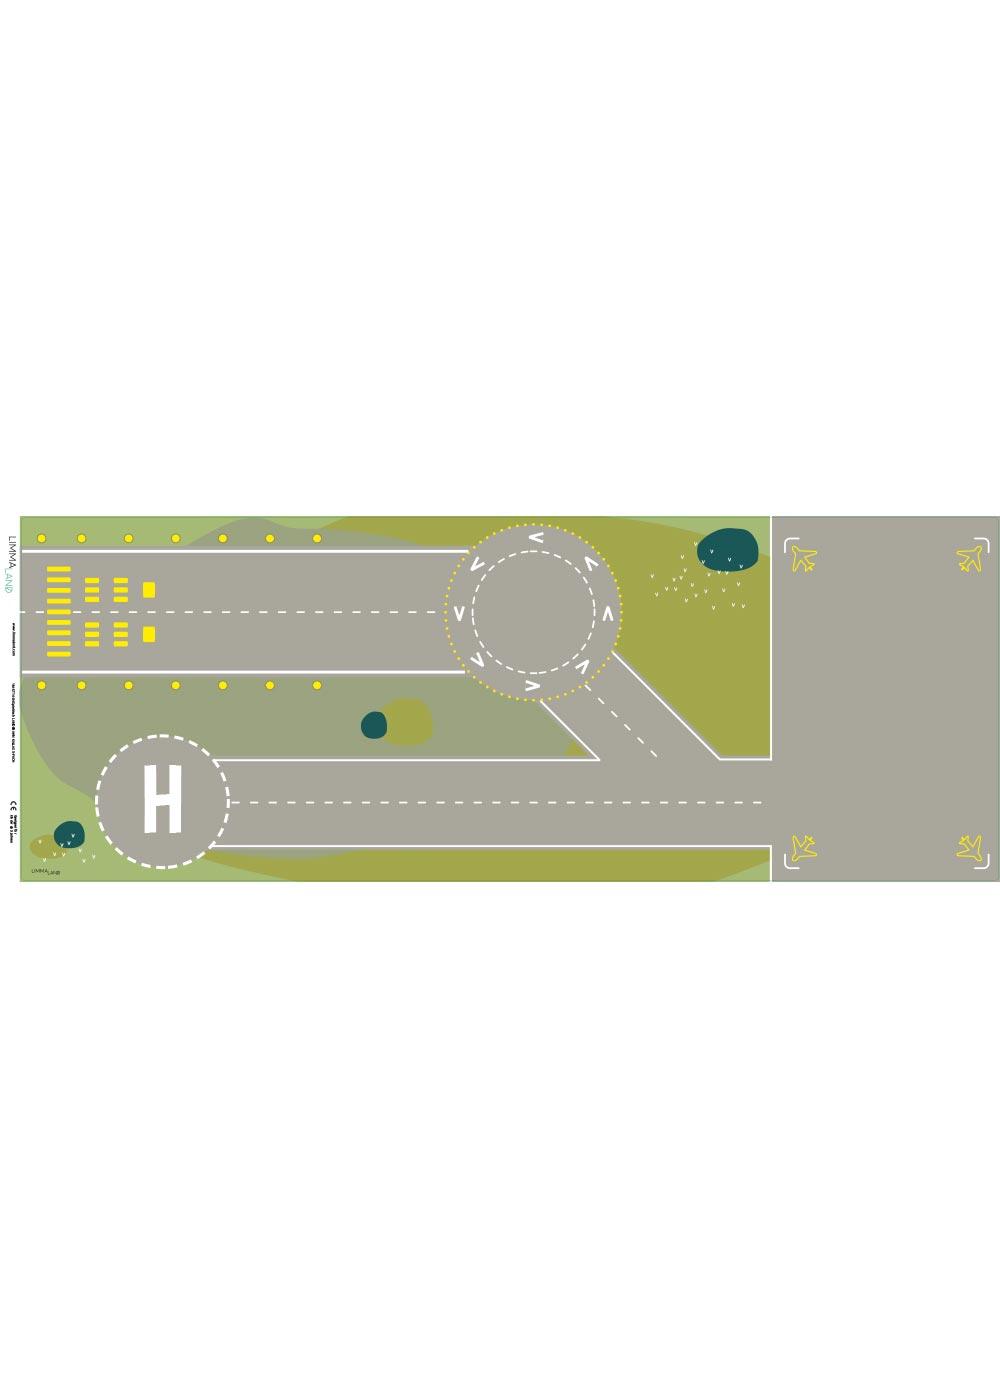 Ikea Kallax Regal Landebahn 3fach Druckvorlage